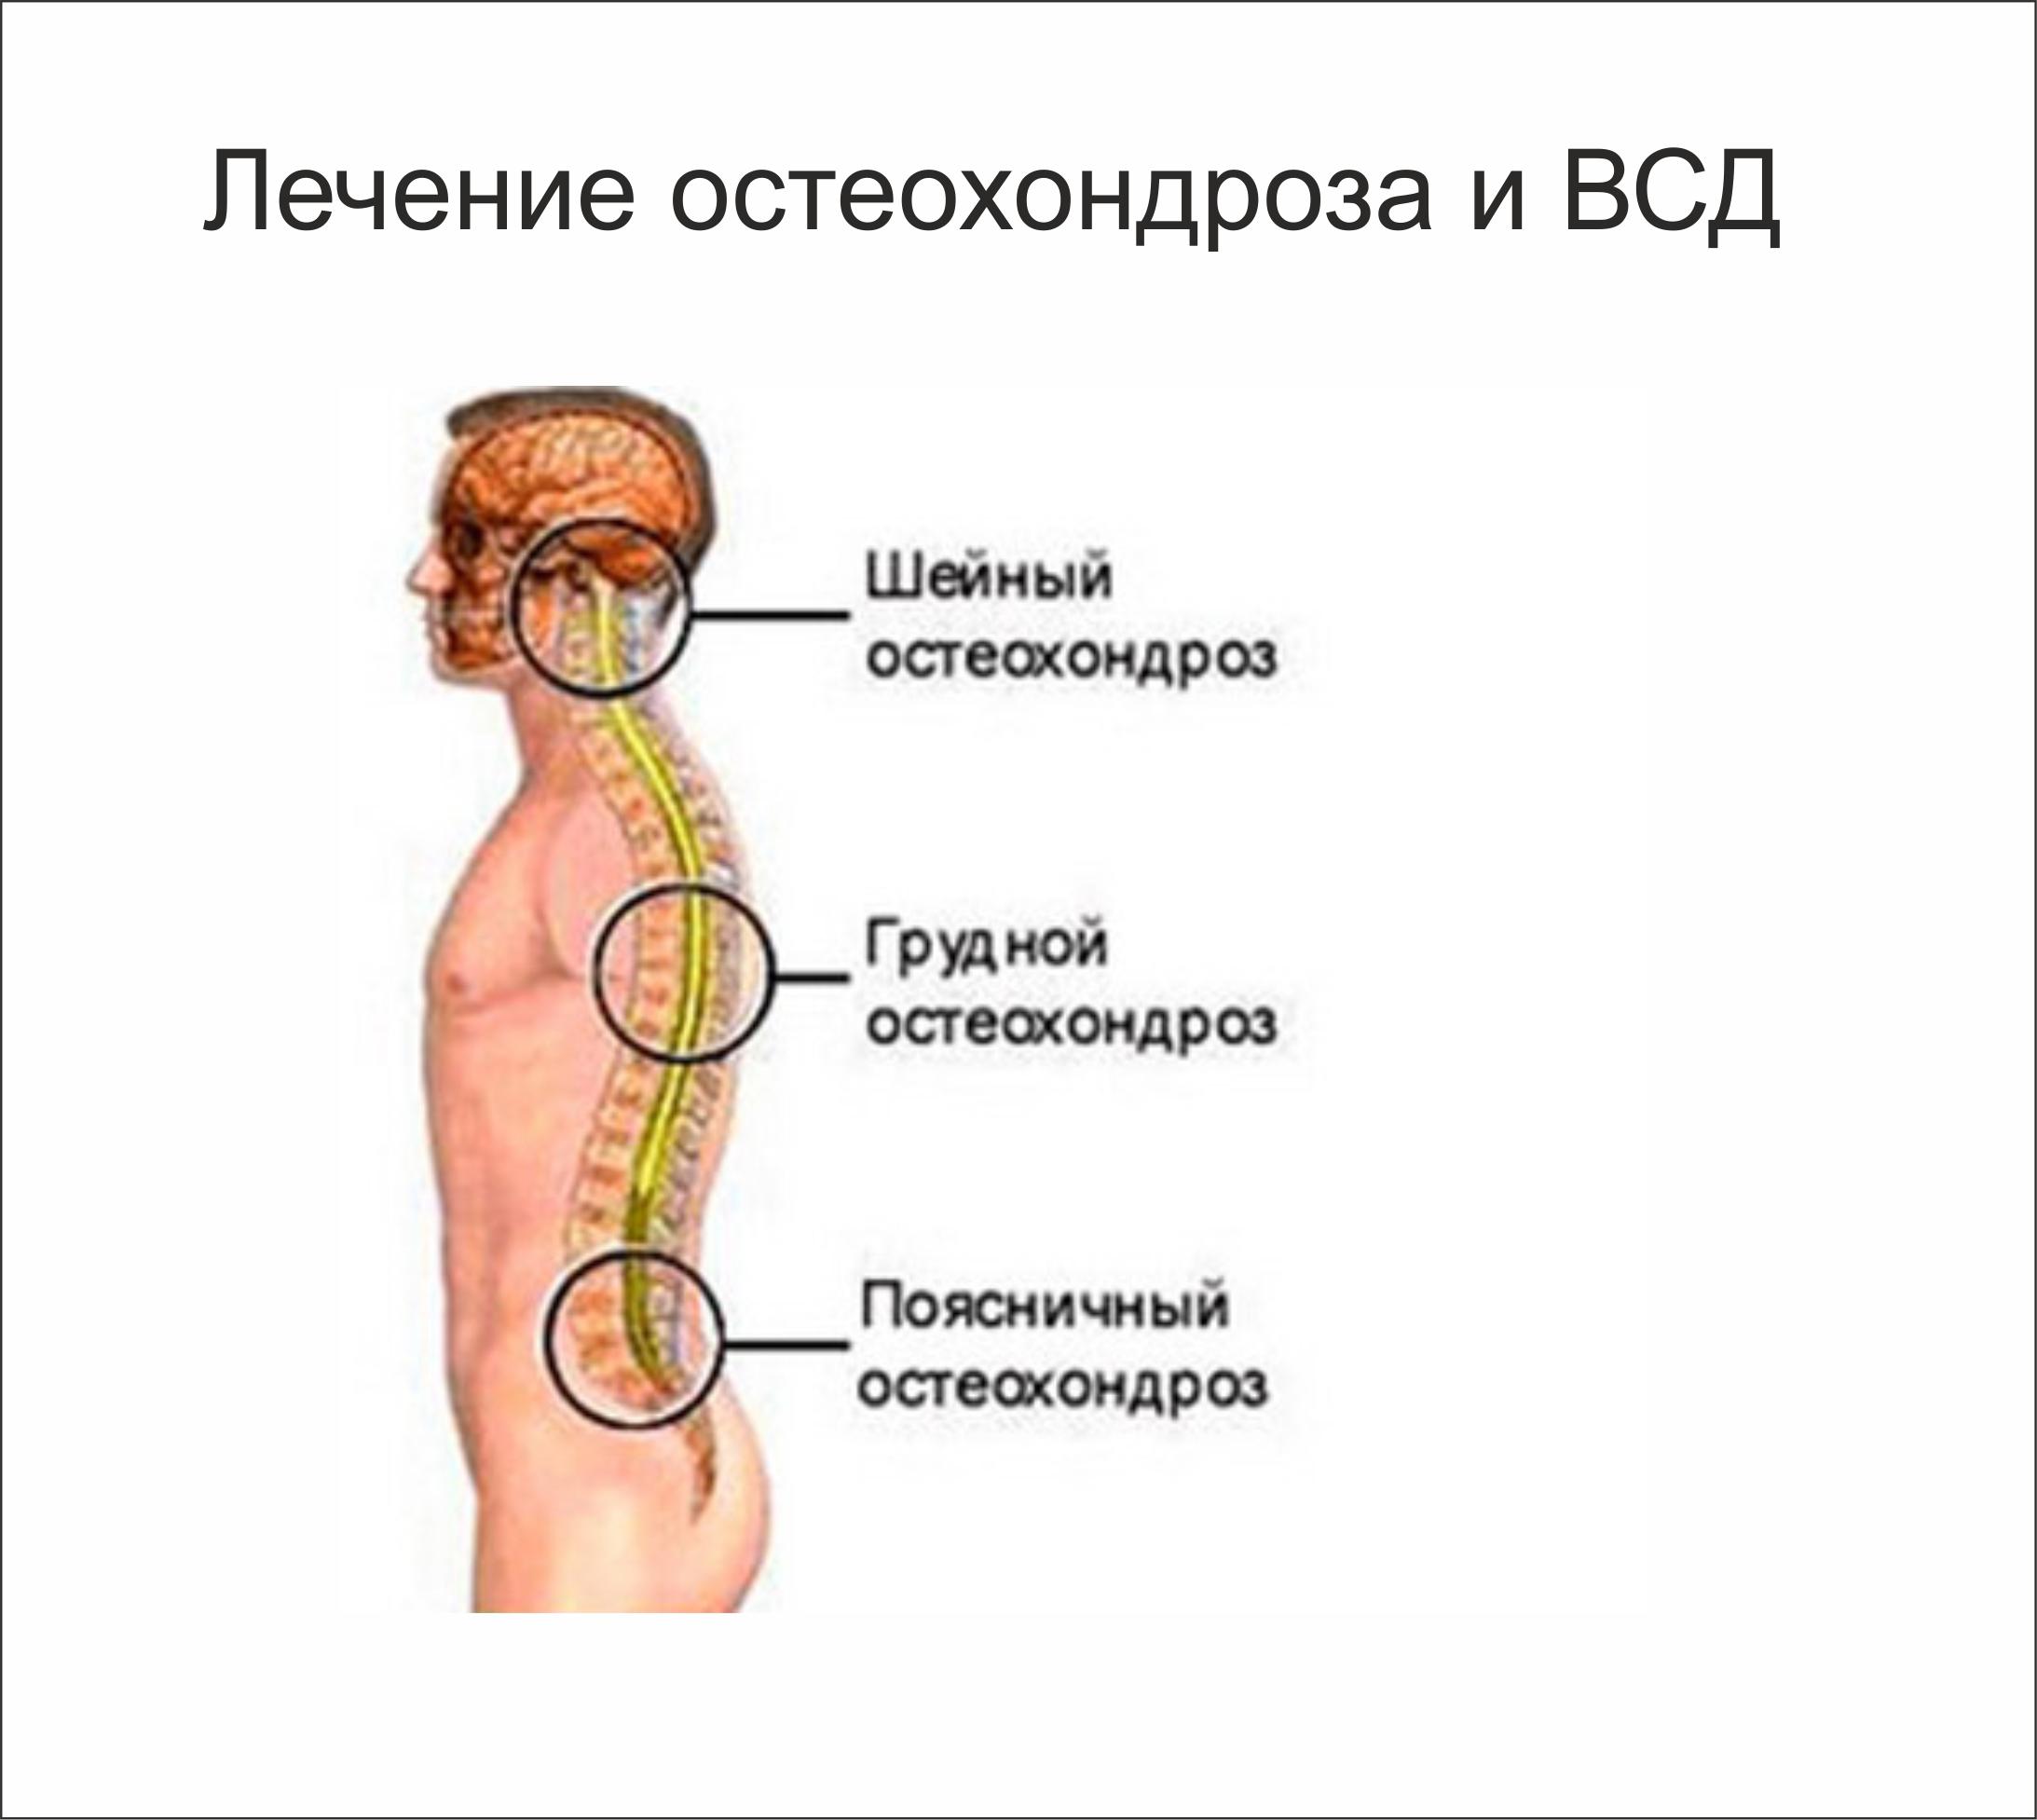 Остеохондроз. Отзывы о лечении остеохондроза 91